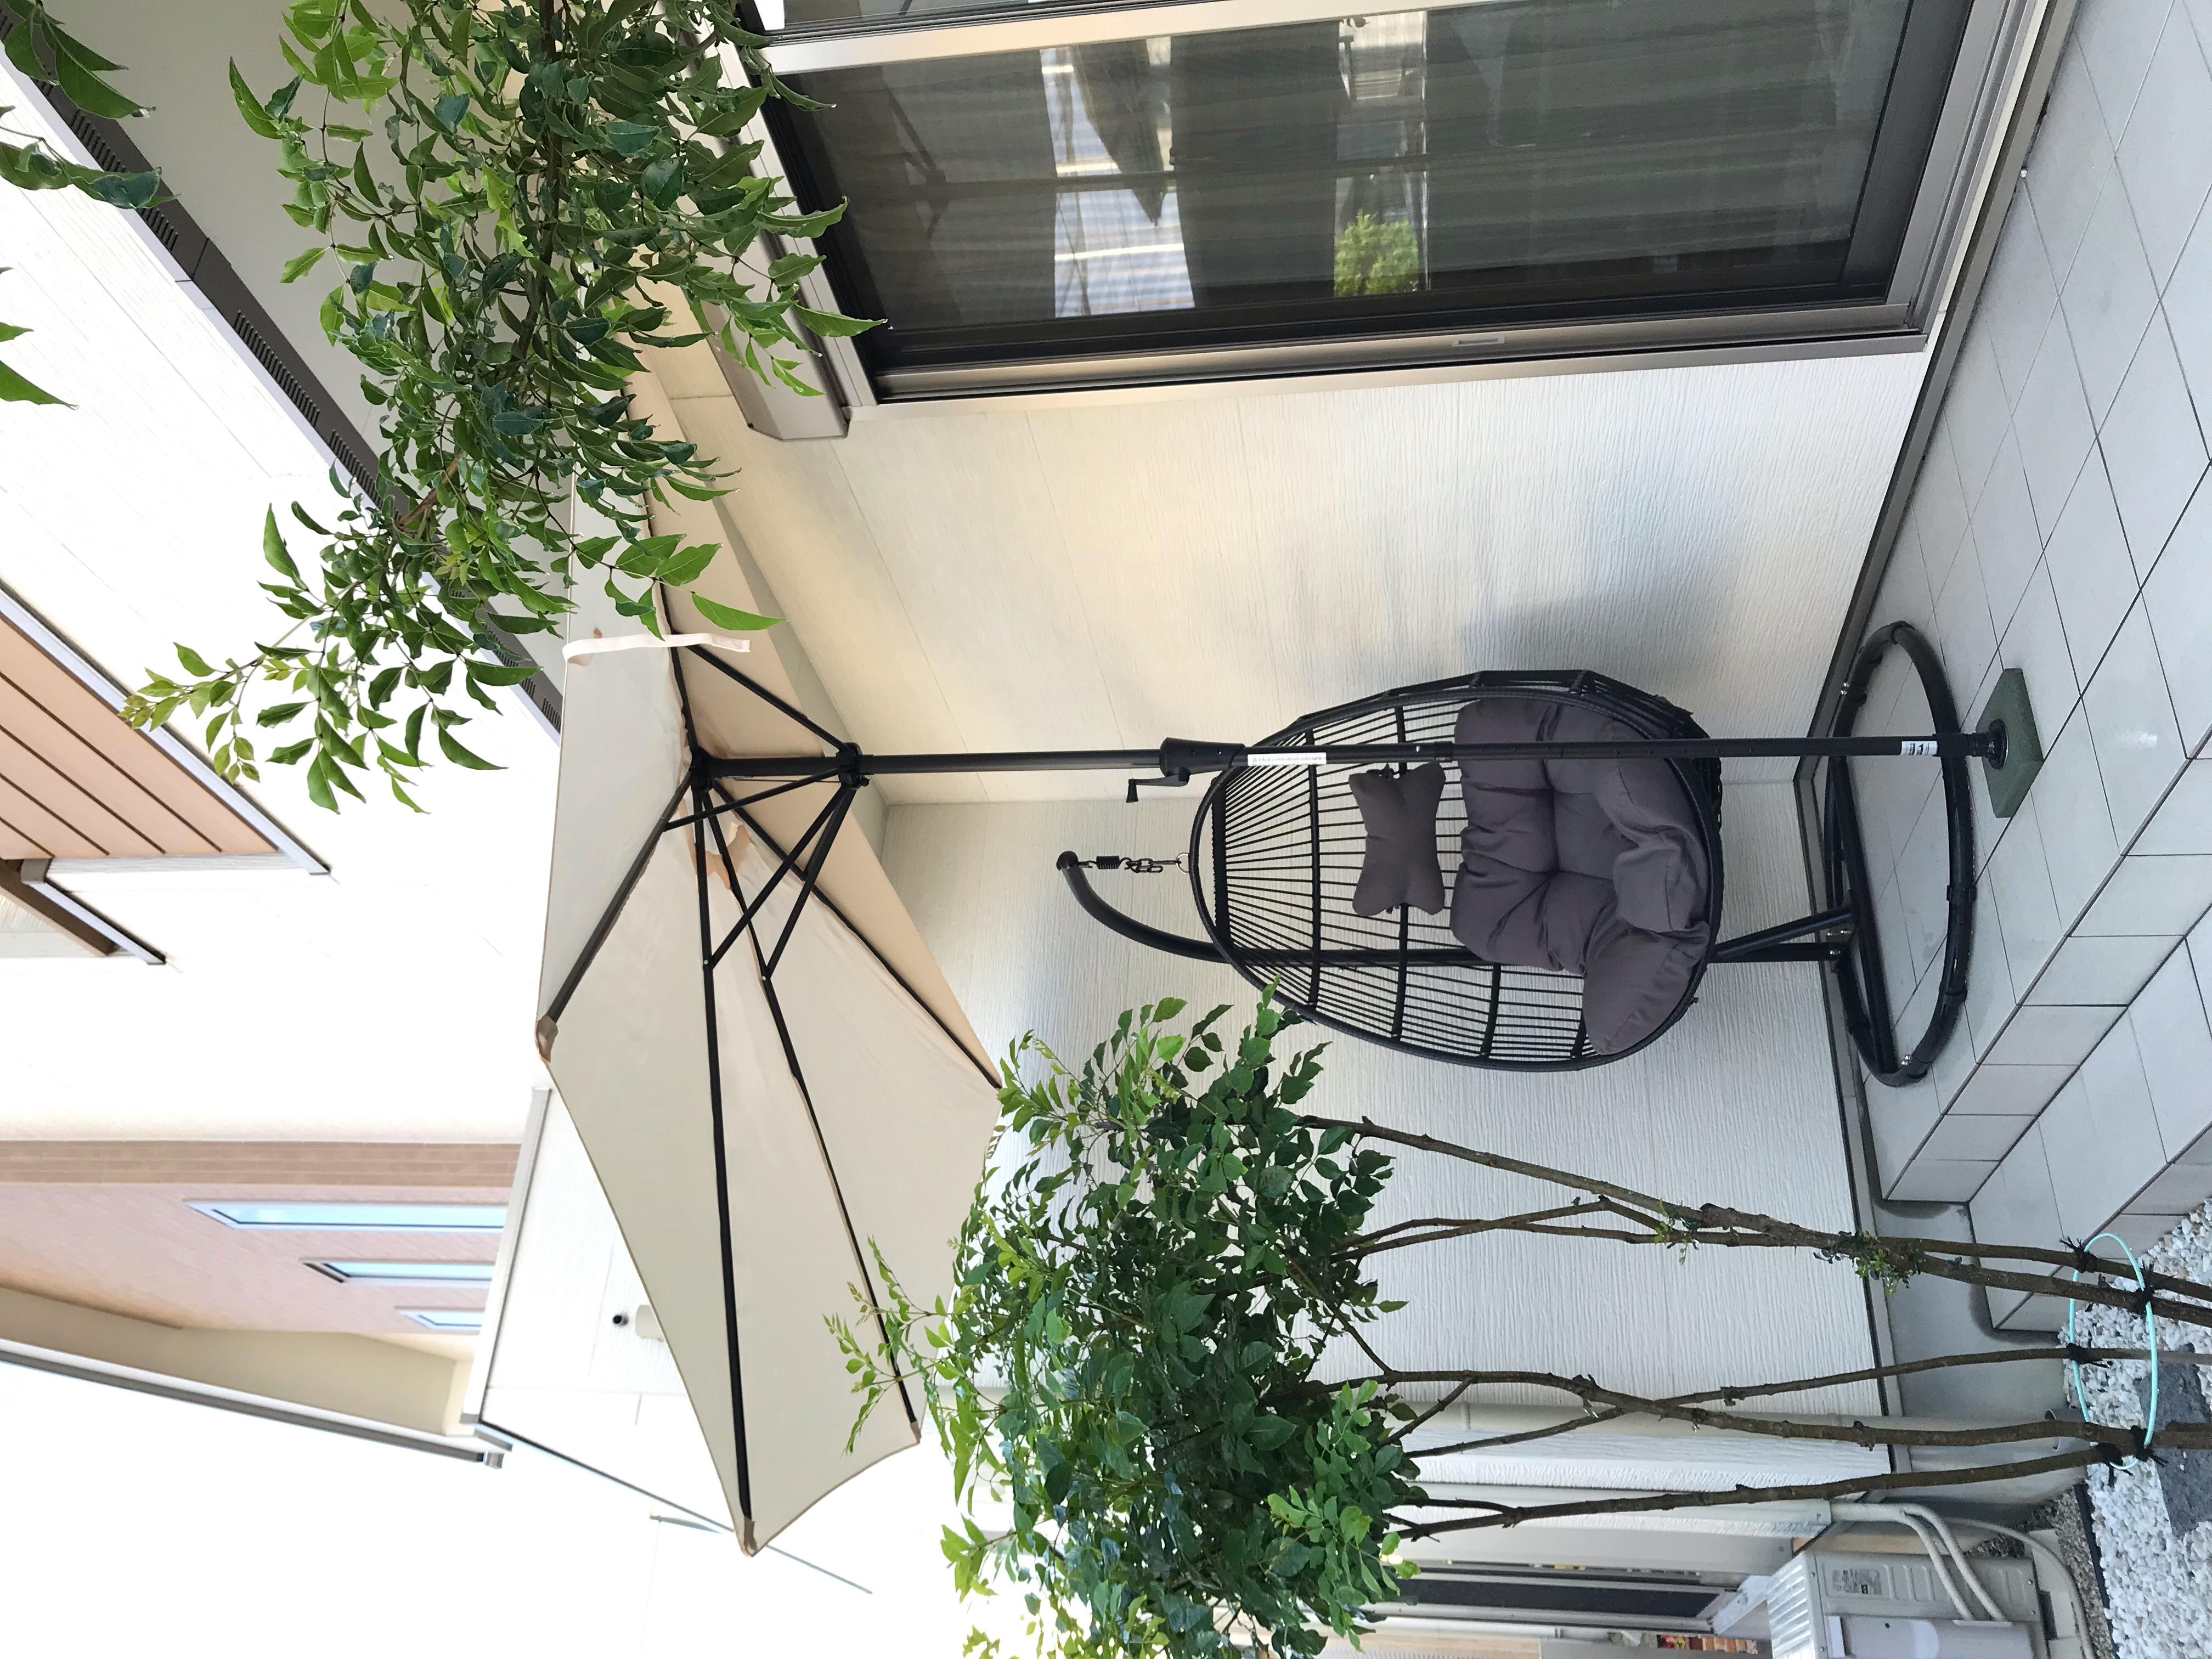 パラシェードハーフ,自宅の庭での設置写真